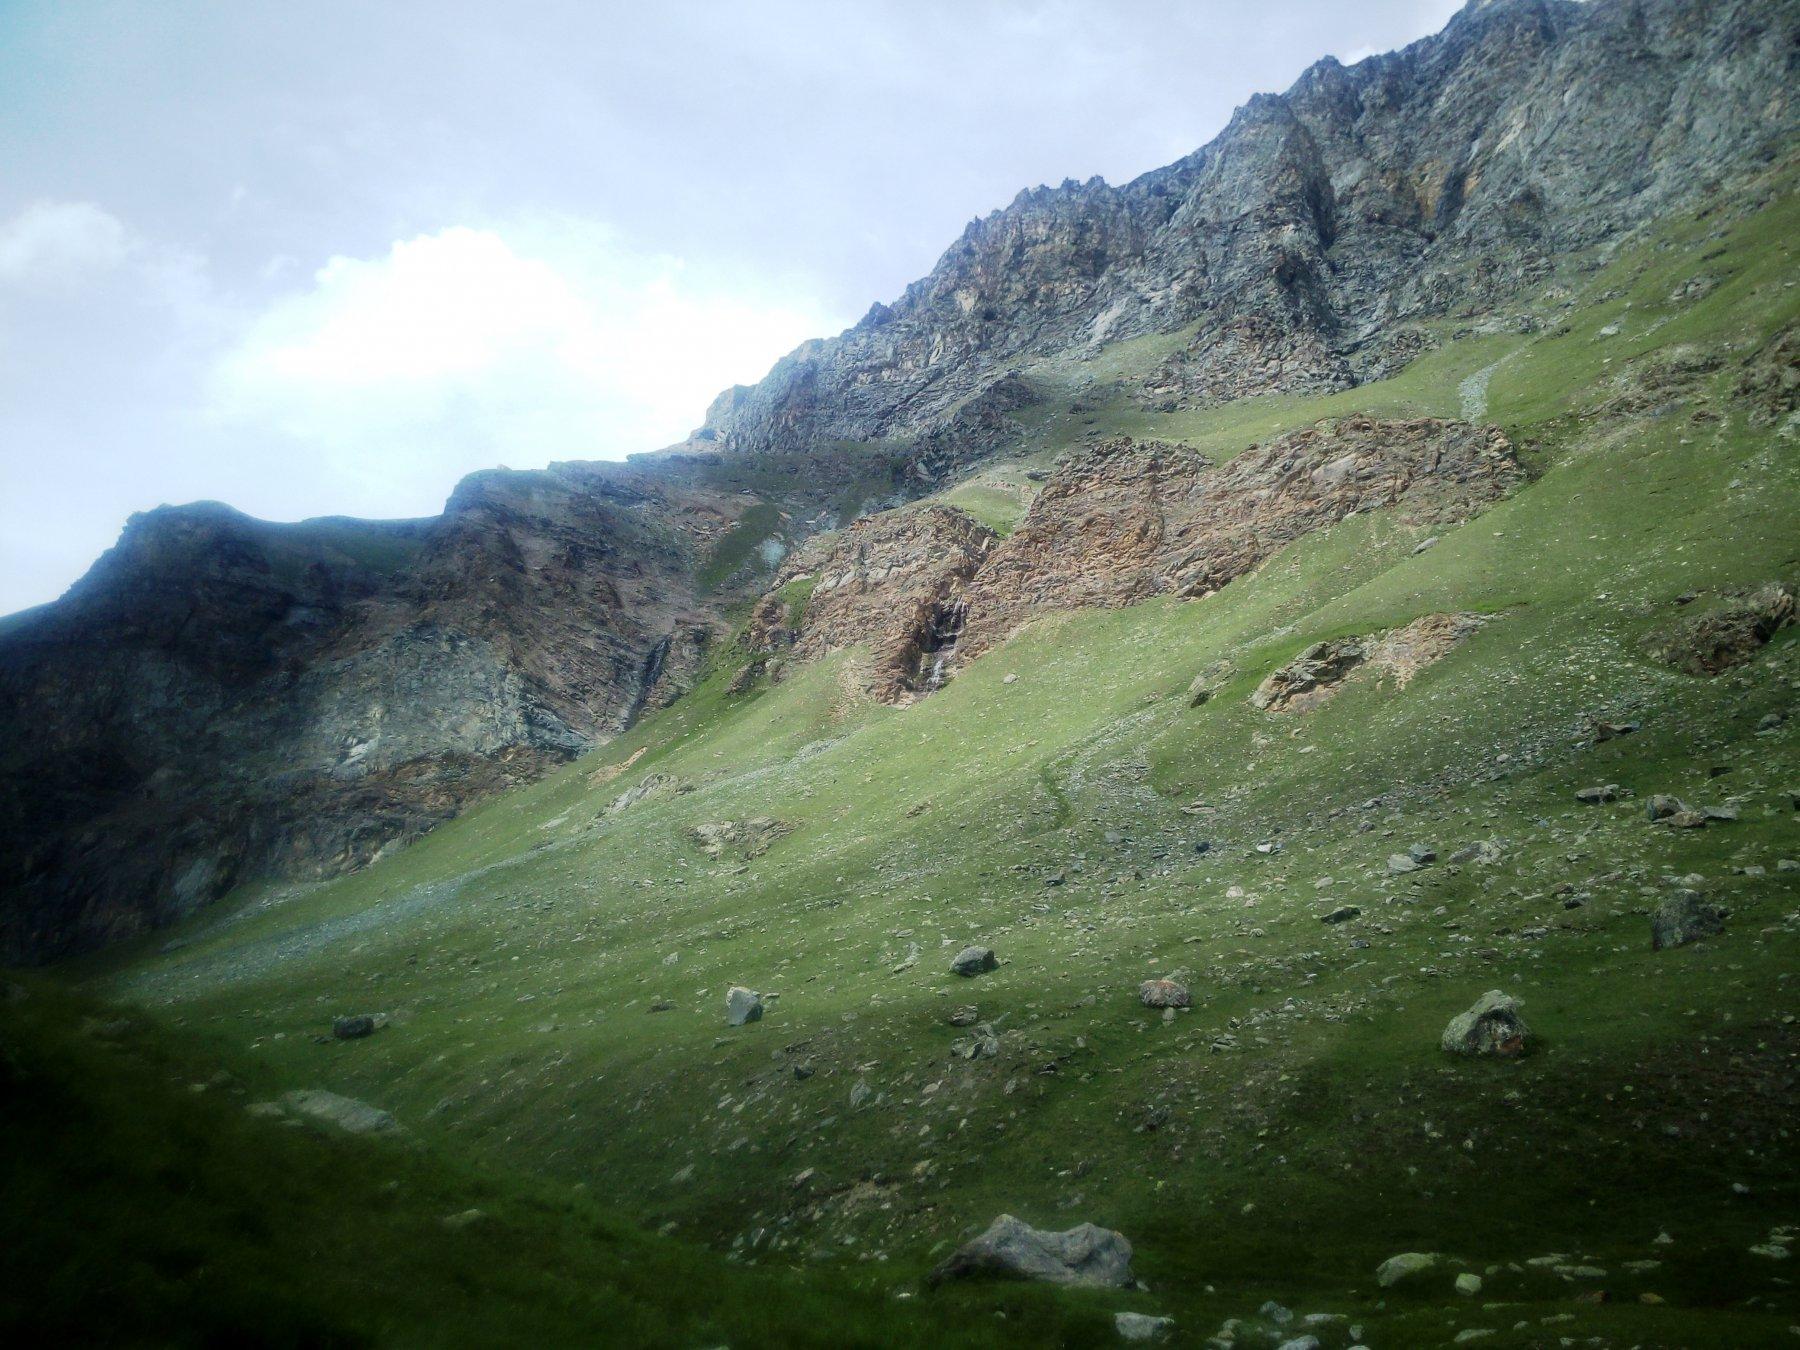 La  barra rocciosa che si supera per arrivare alla casa di caccia